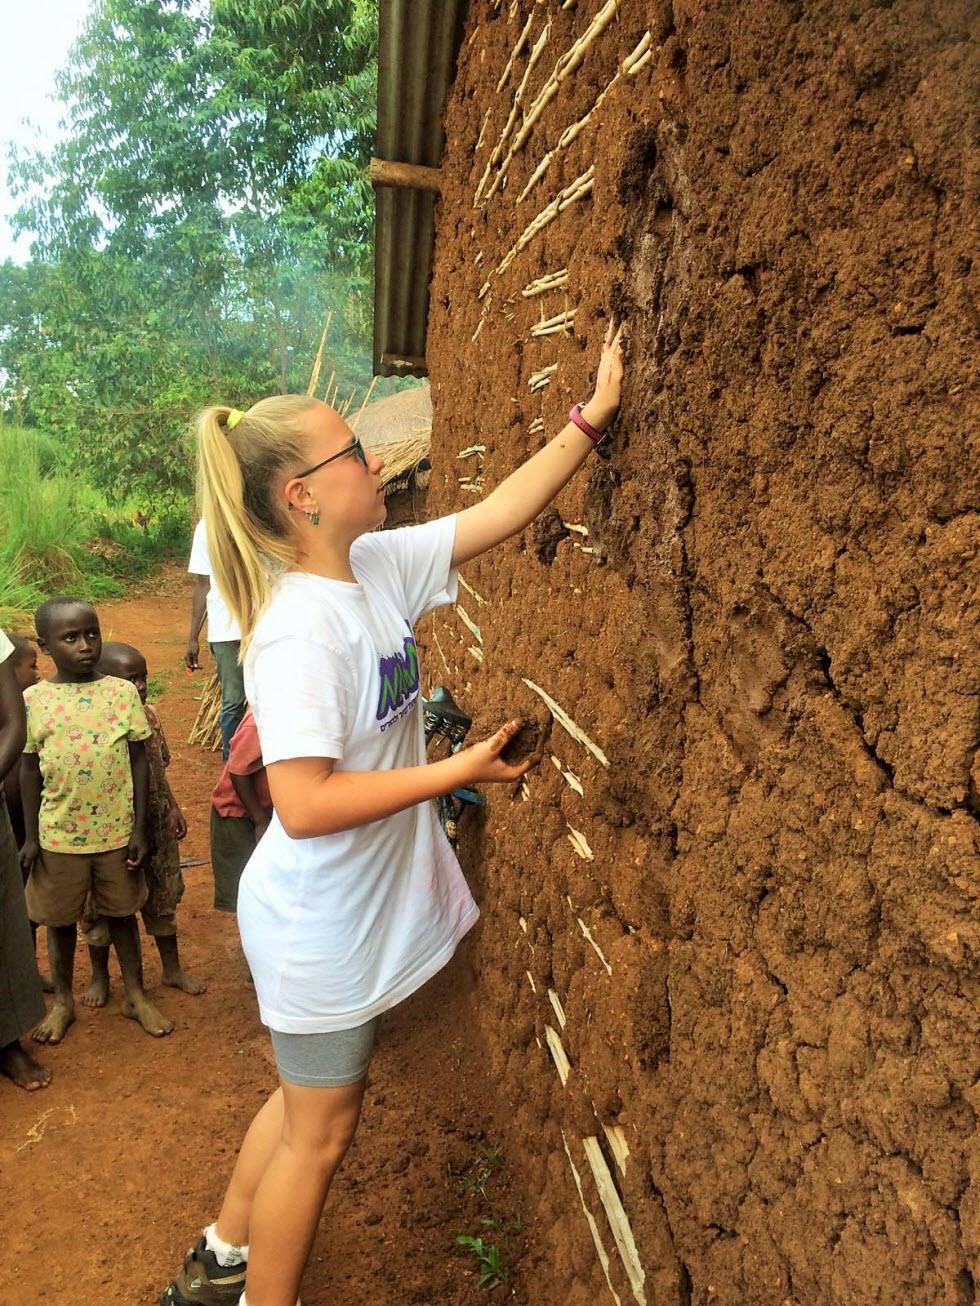 בוץ זה לא משחק - ילדי מאגמה 13 בונים בתי בוץ באוגנדה (צילמה: גליה ברקאי)